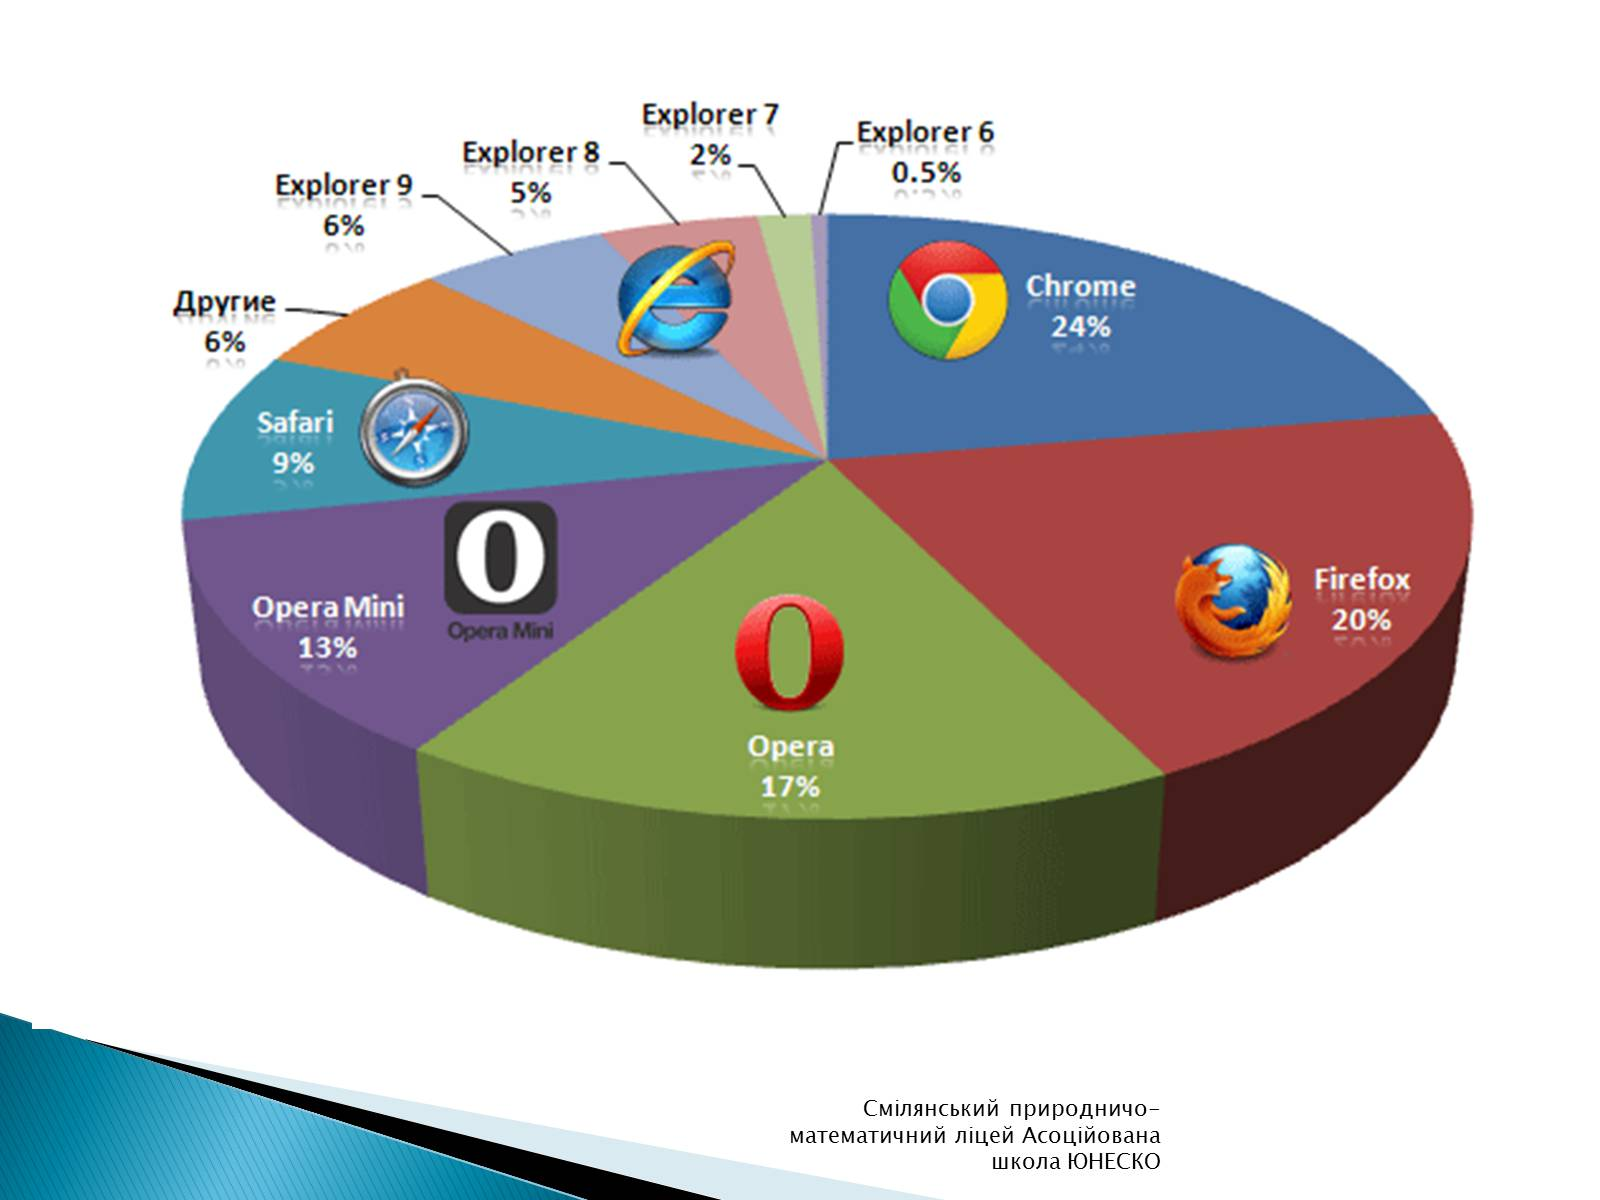 раневская упоминала, картинка схема браузеров она